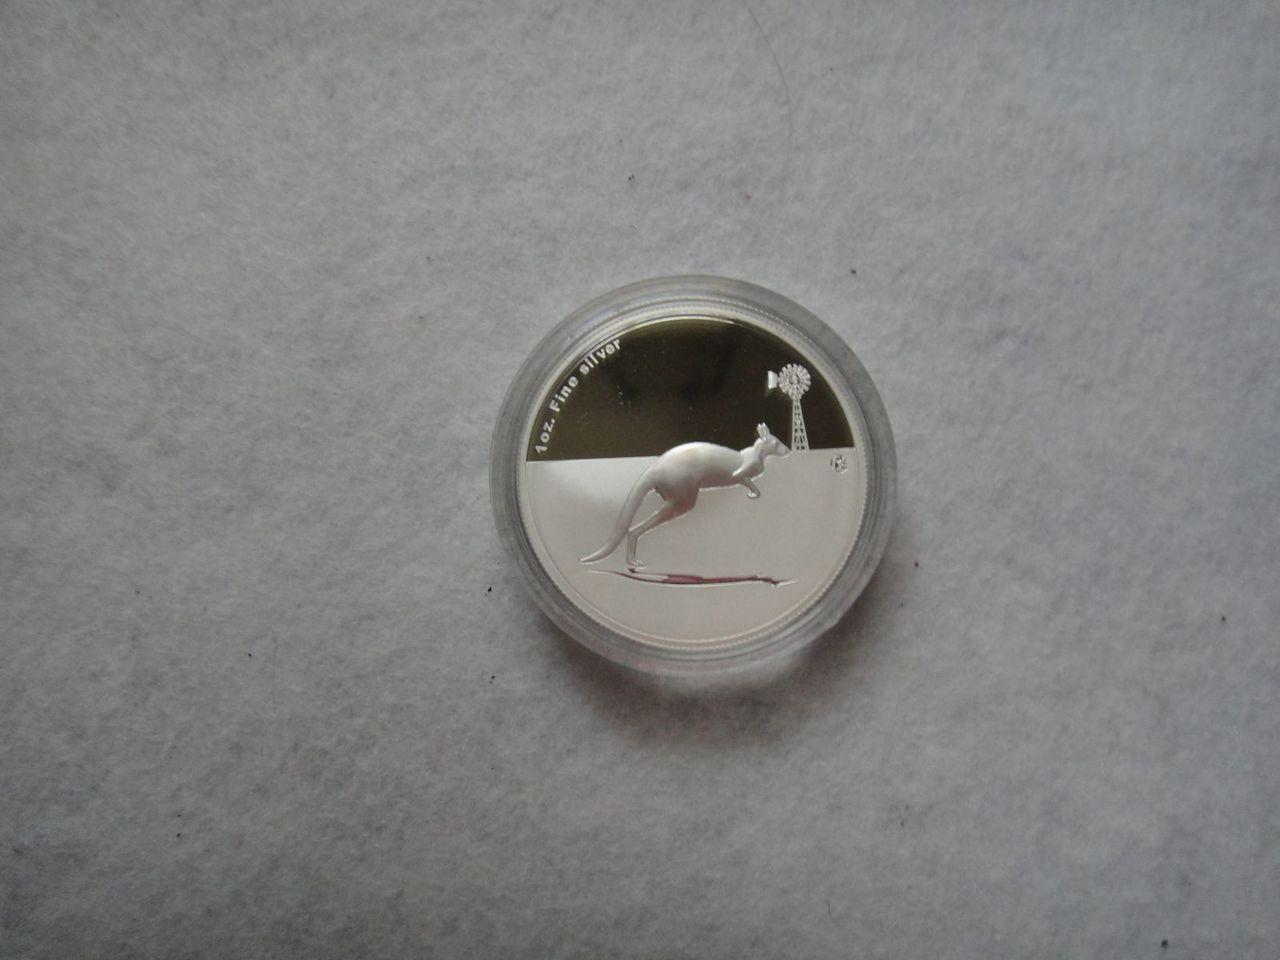 Kangaroo in outbrak 2012 proof f15 privy mark DSC03216